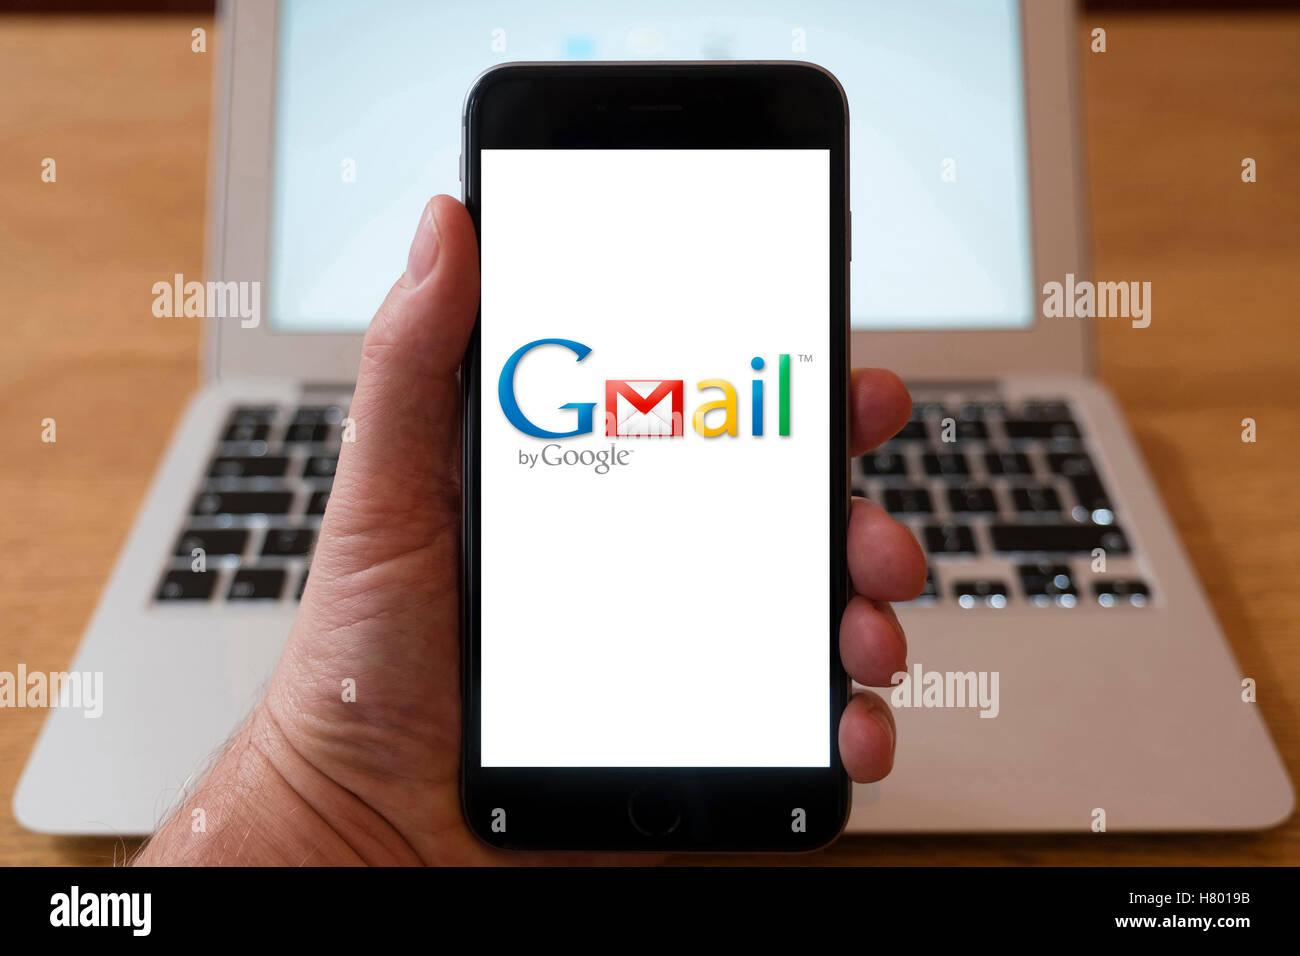 Utilizzo di iPhone smartphone per visualizzare il logo di Gmail , Google il servizio di posta elettronica Immagini Stock